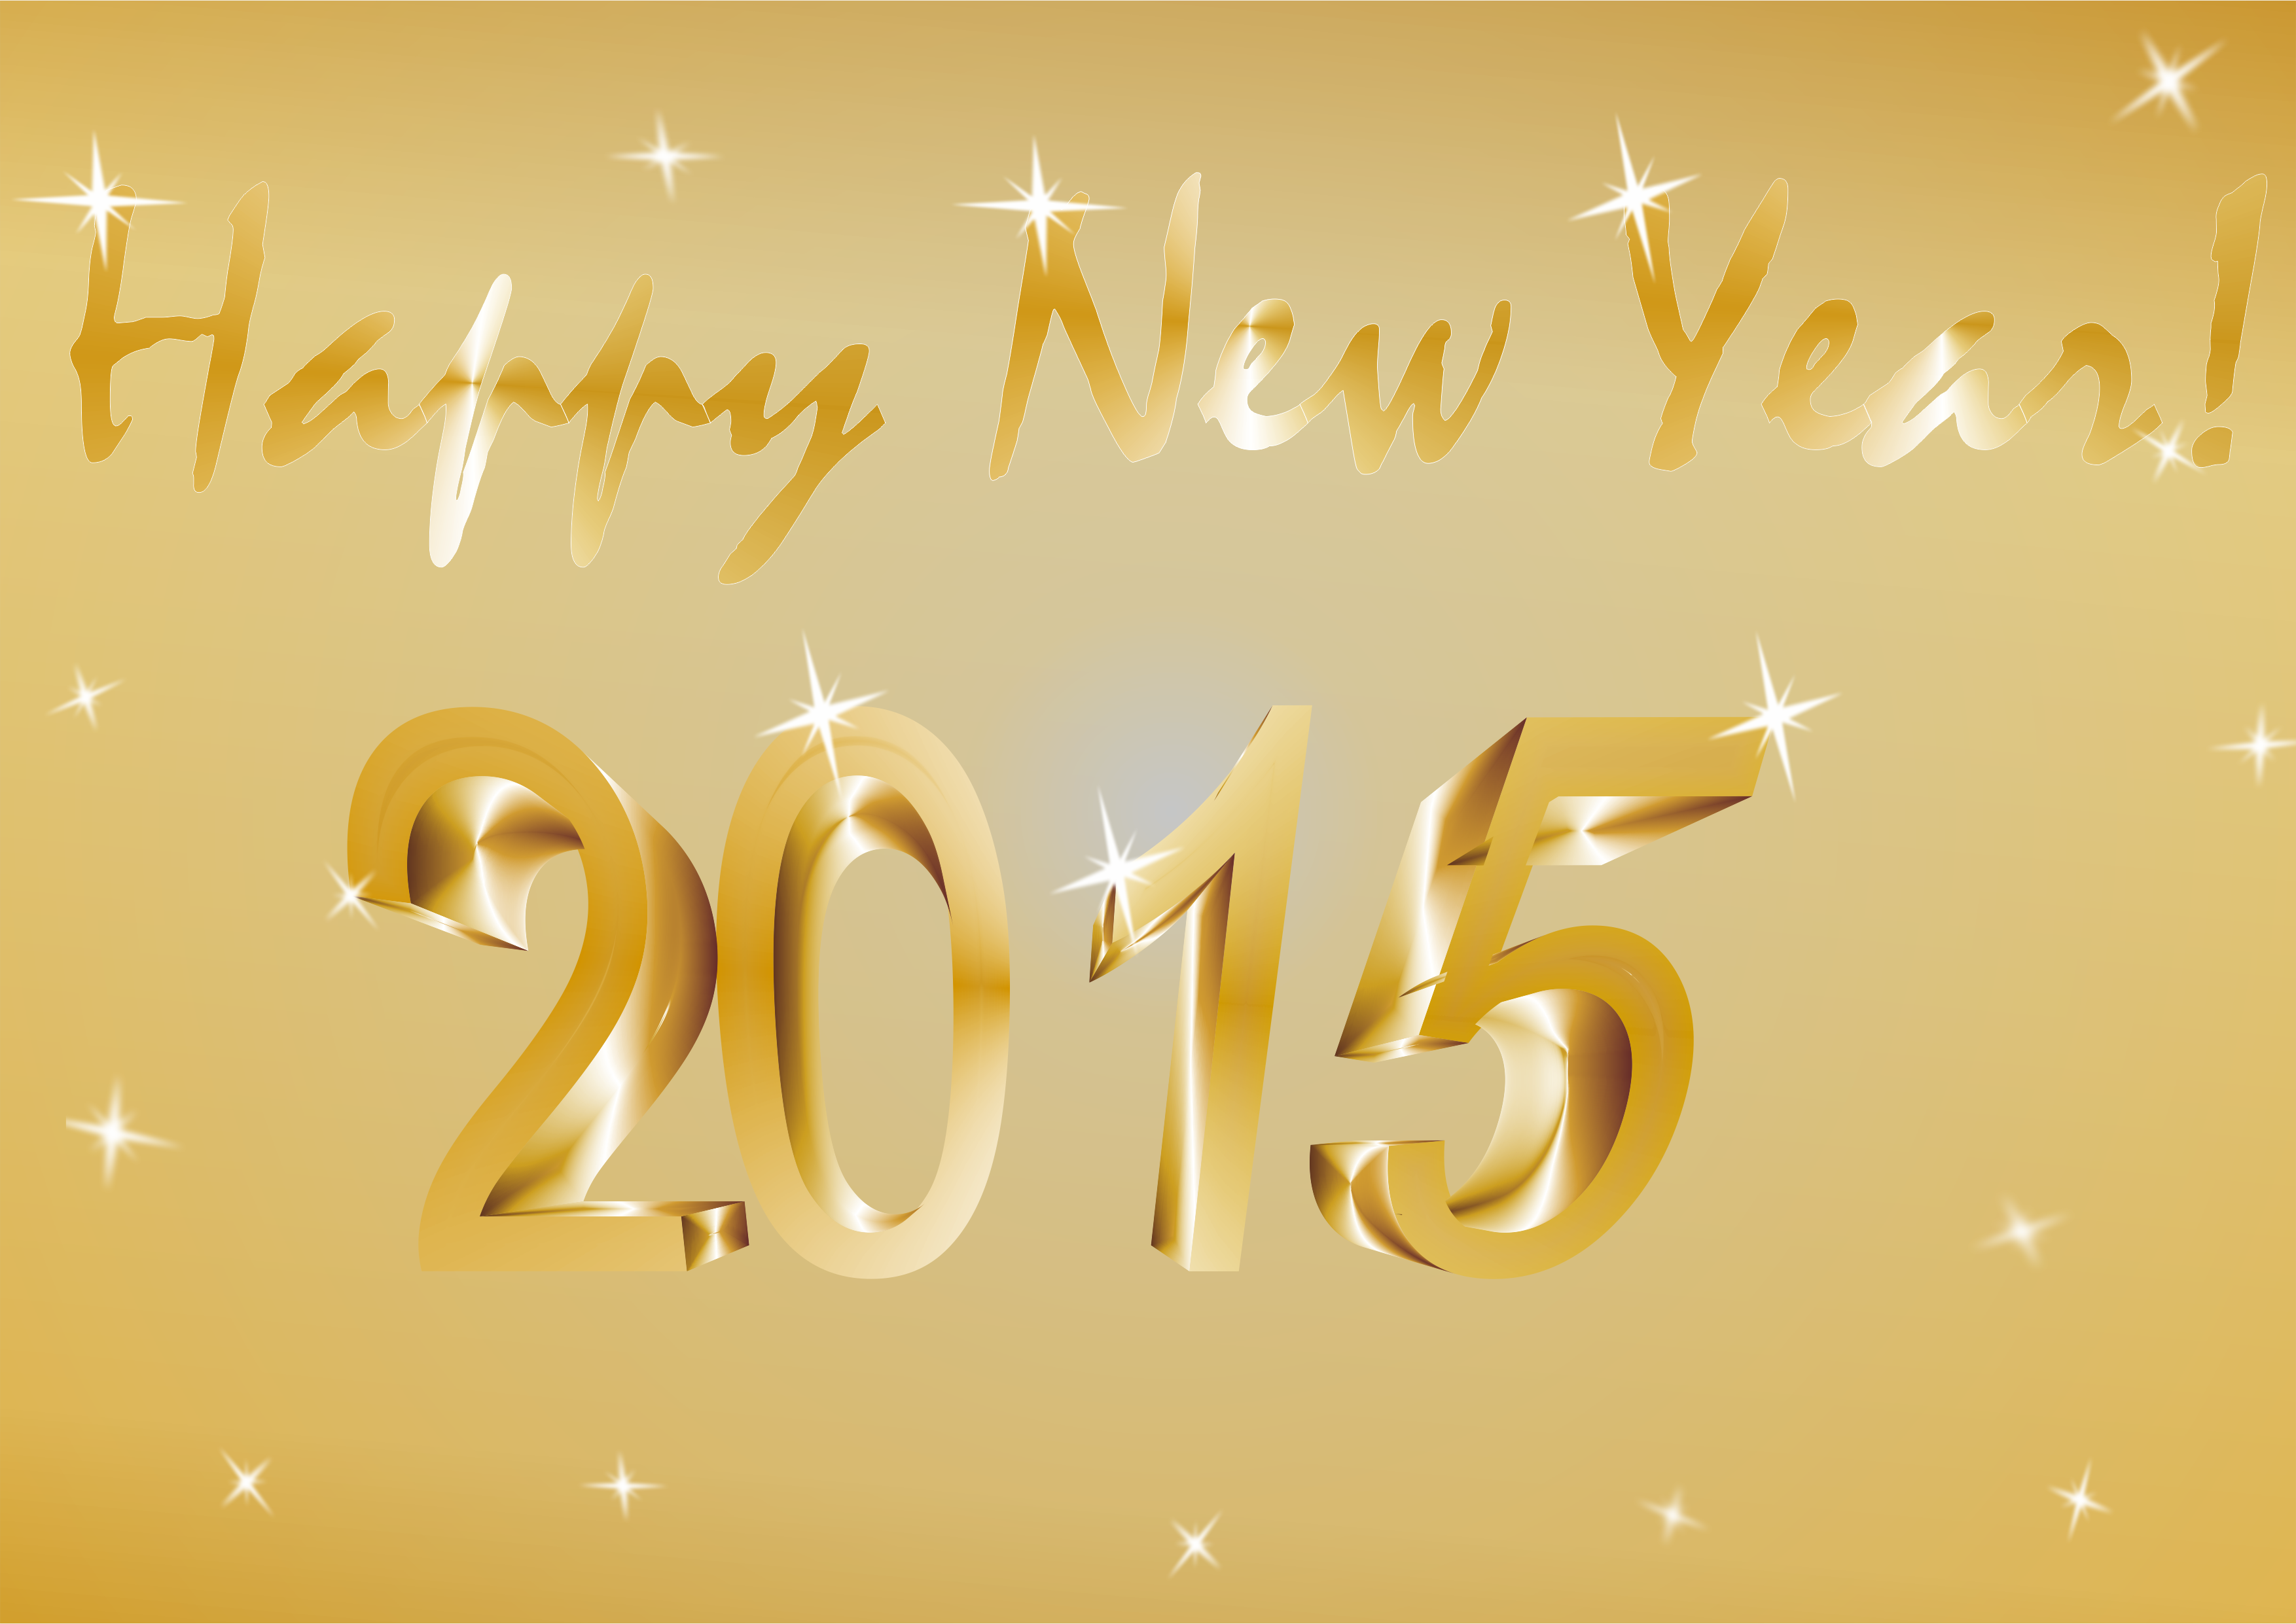 Картинка на новый год 2015